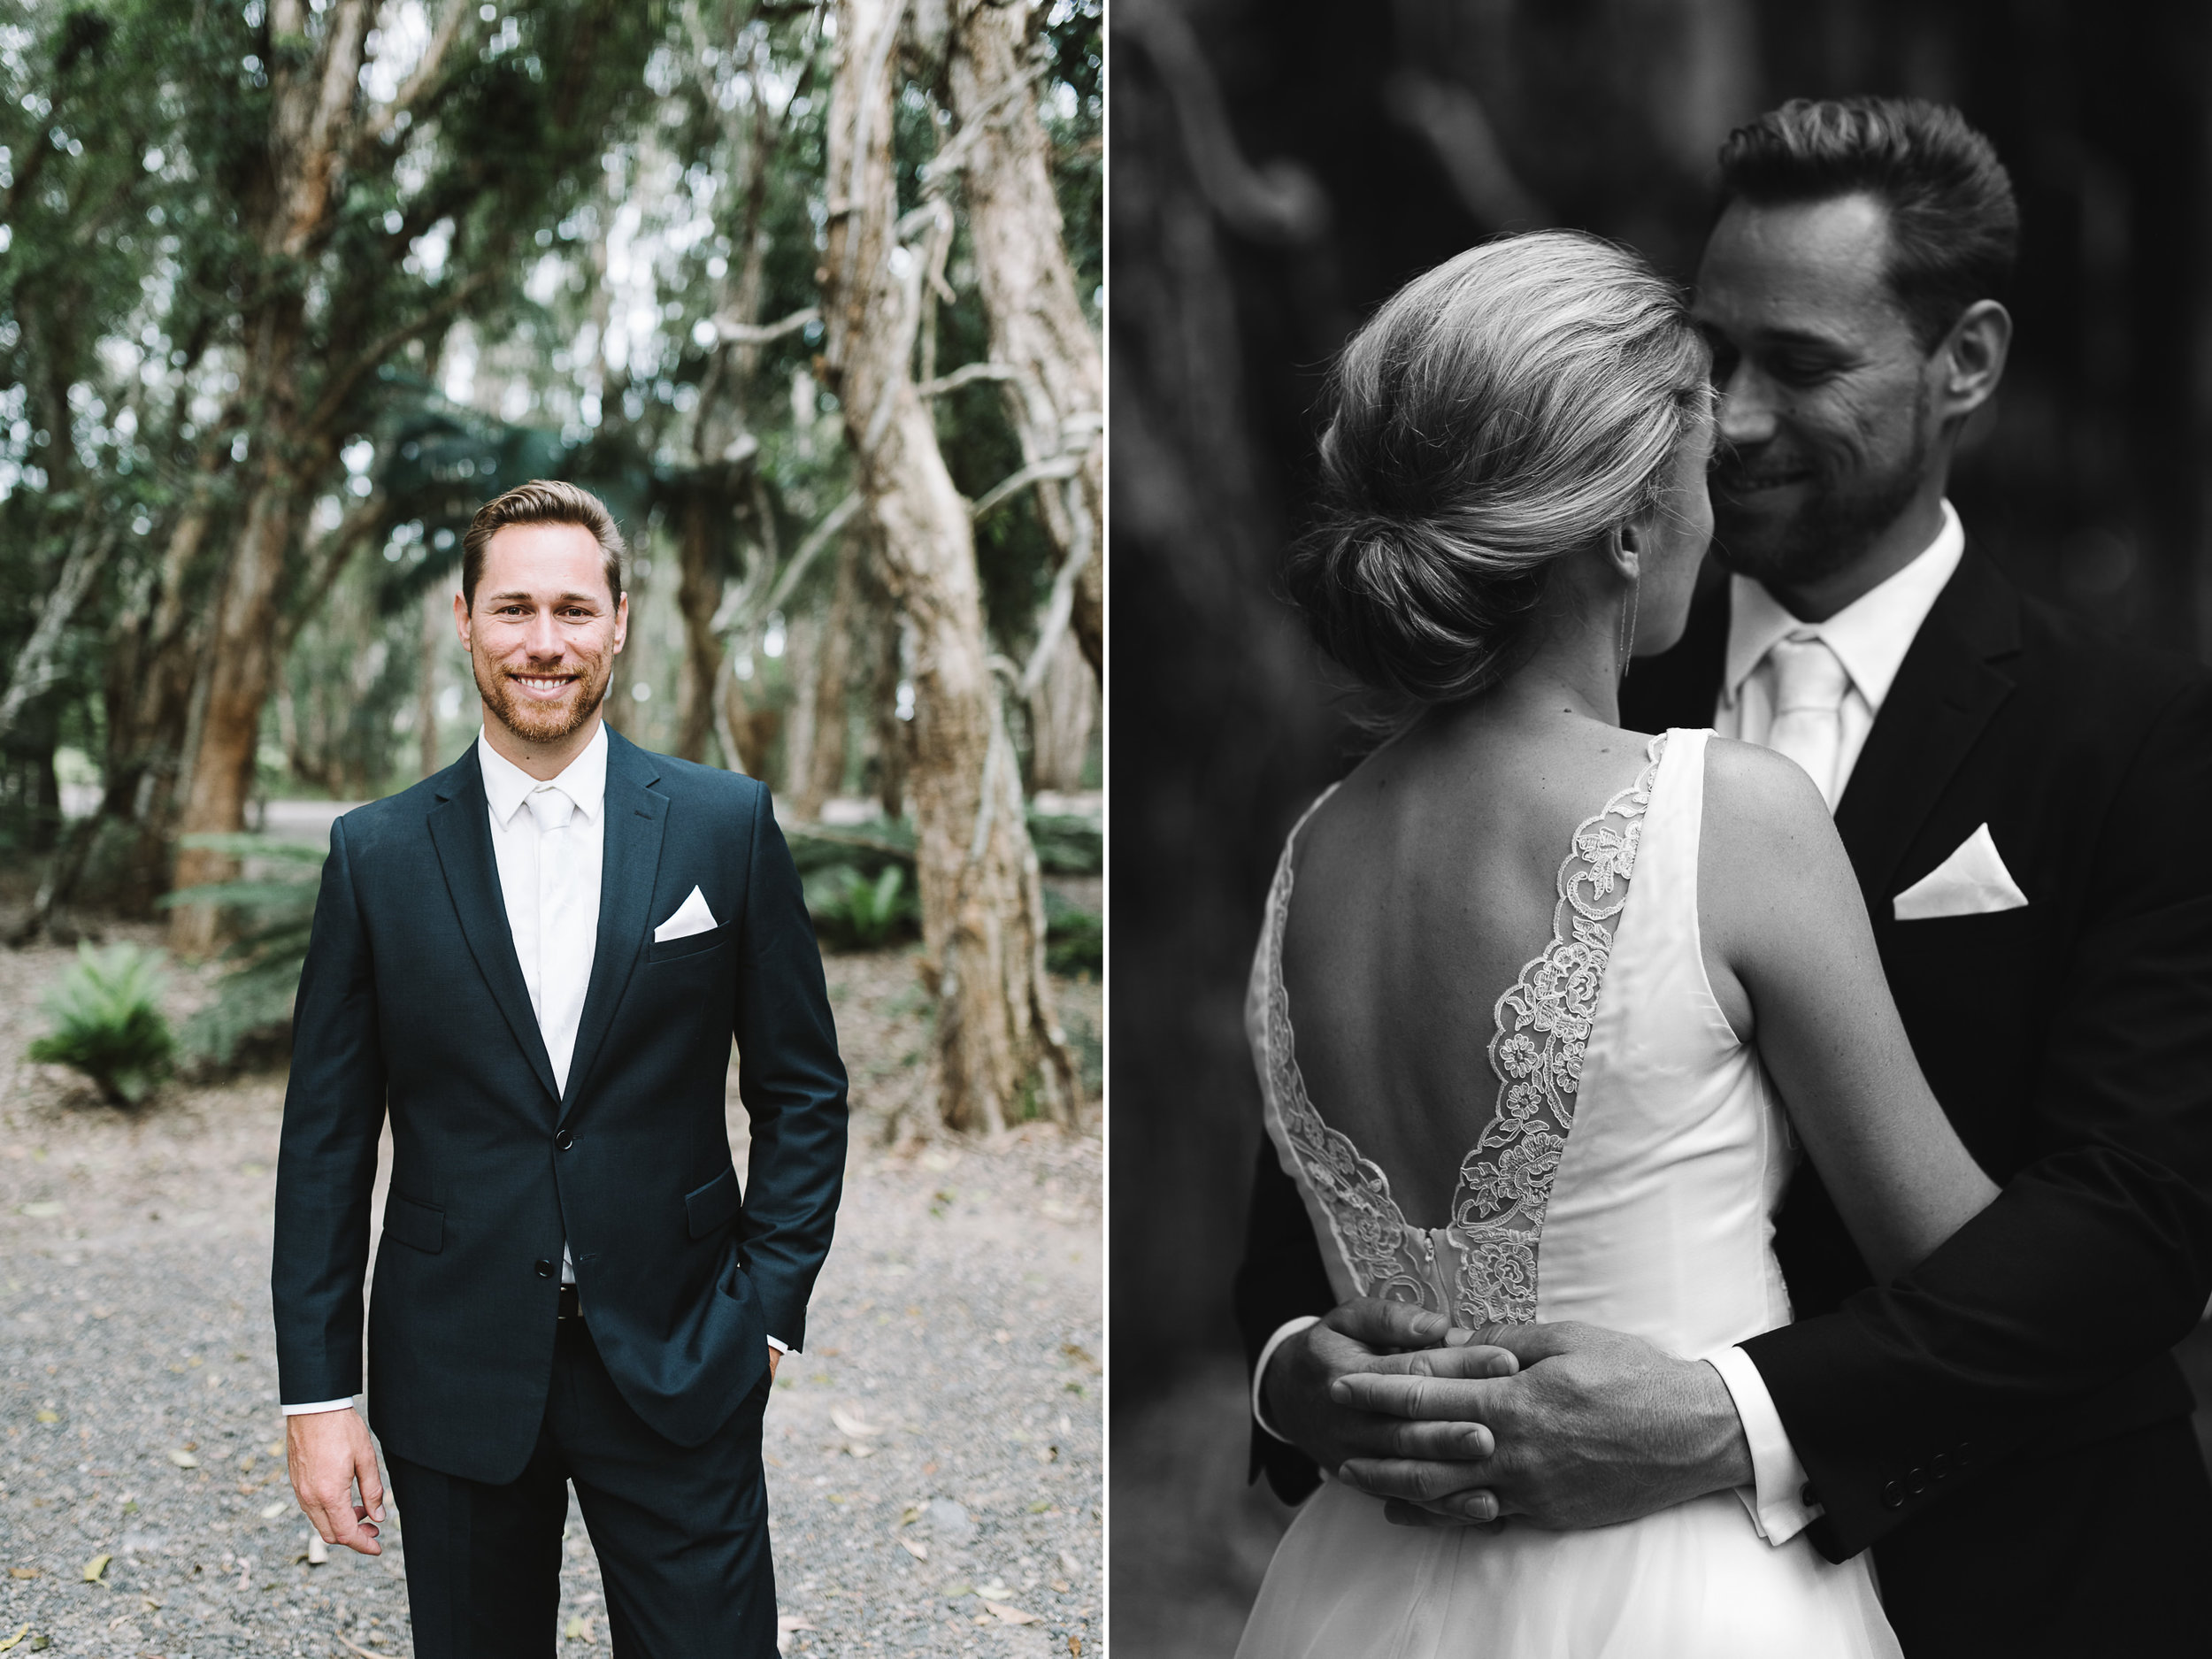 wedding-photography-brisbane-sandstone-point-hotel-bribie-island-24.jpg